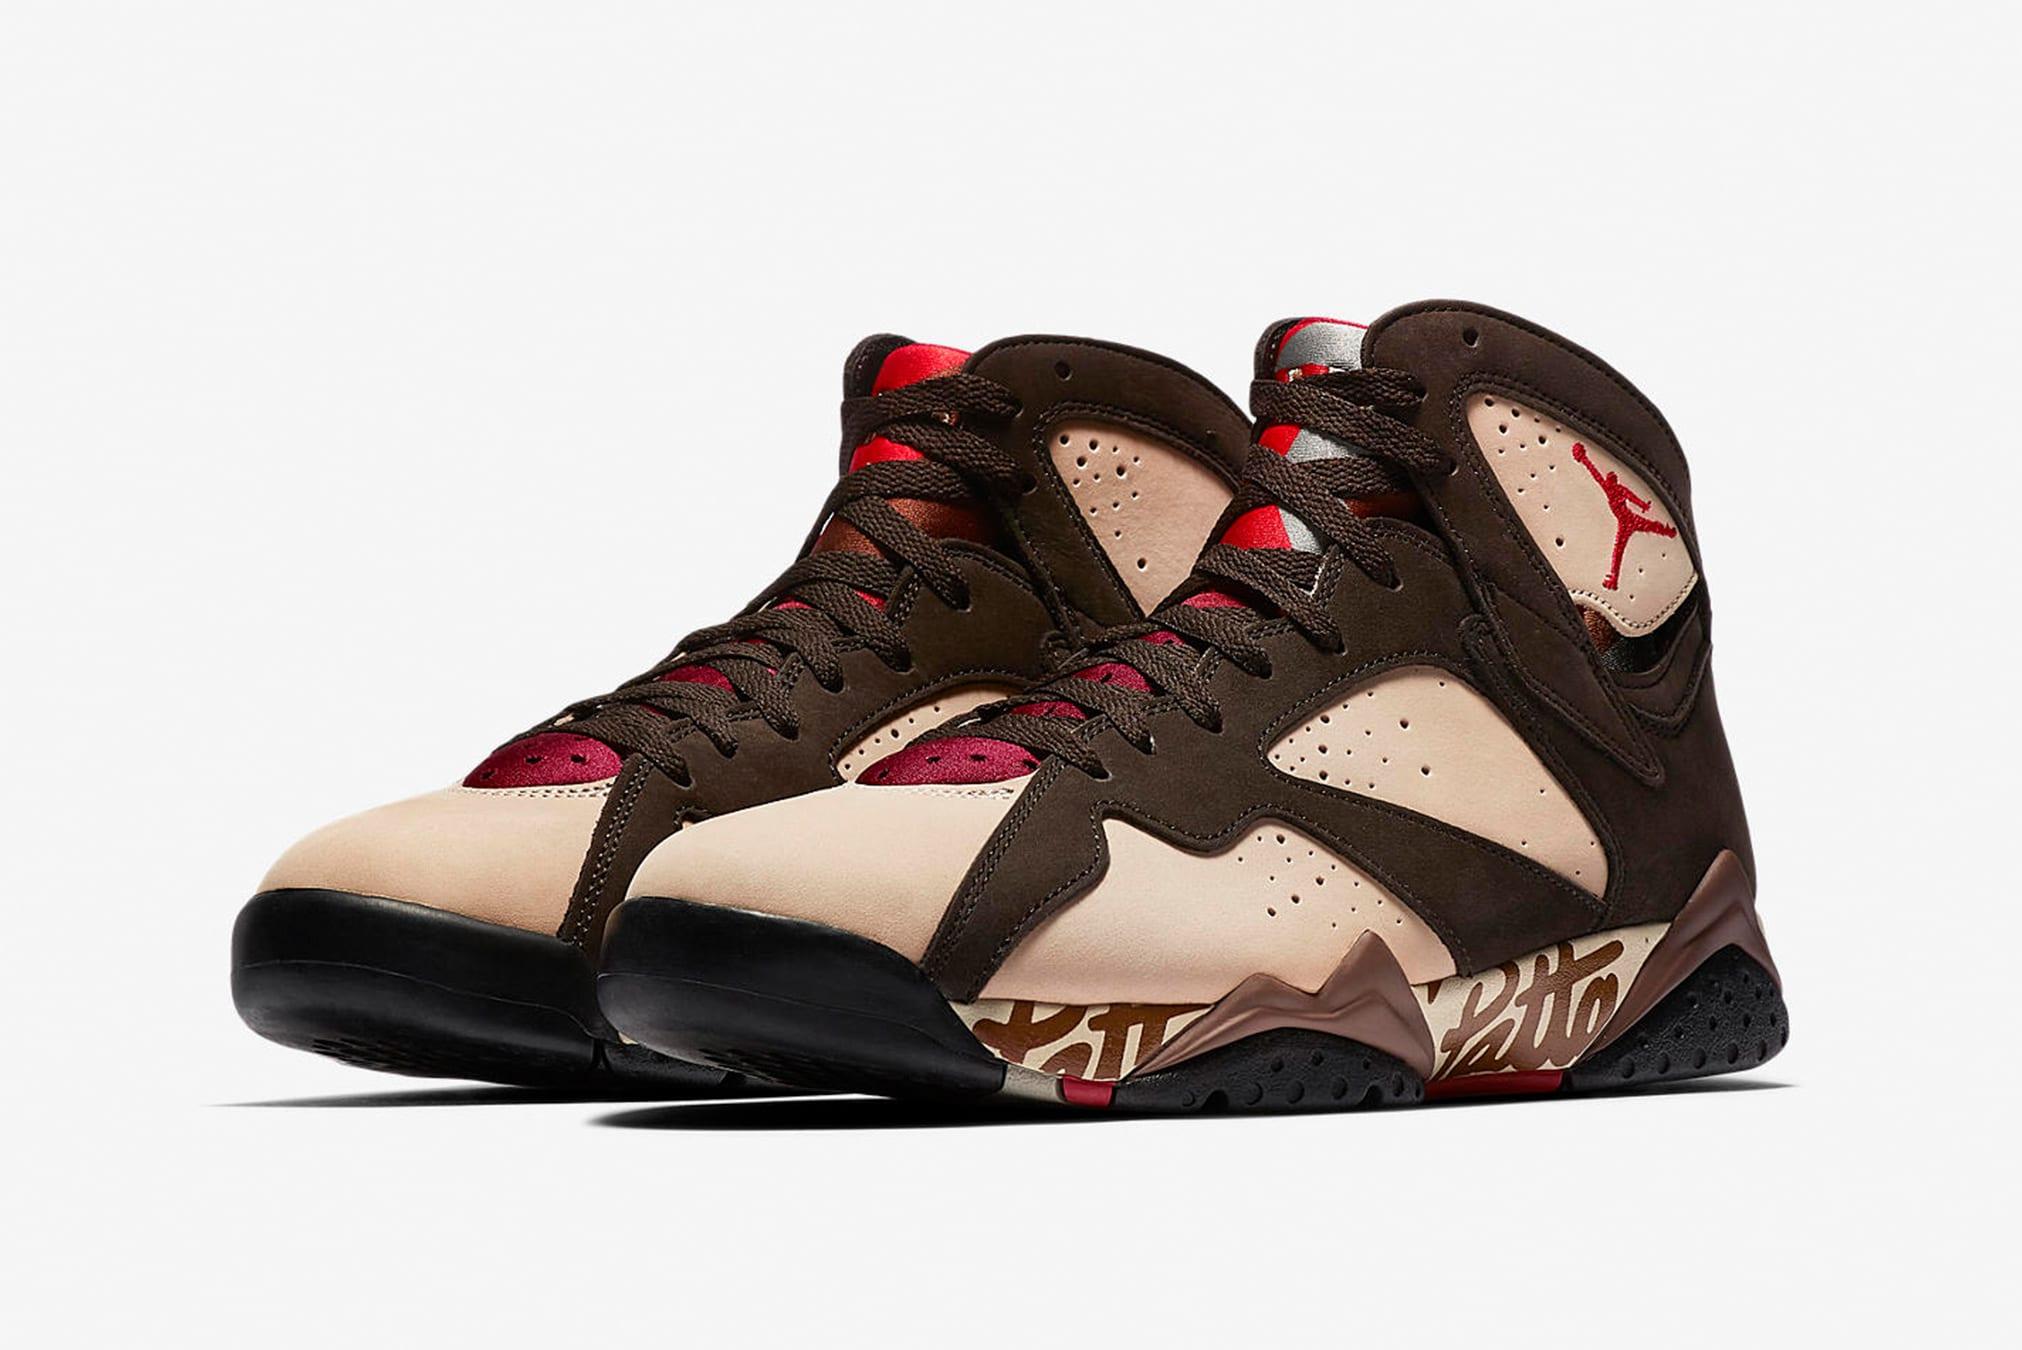 Nike Air Jordan x Patta 7 Retro - AT3375-200